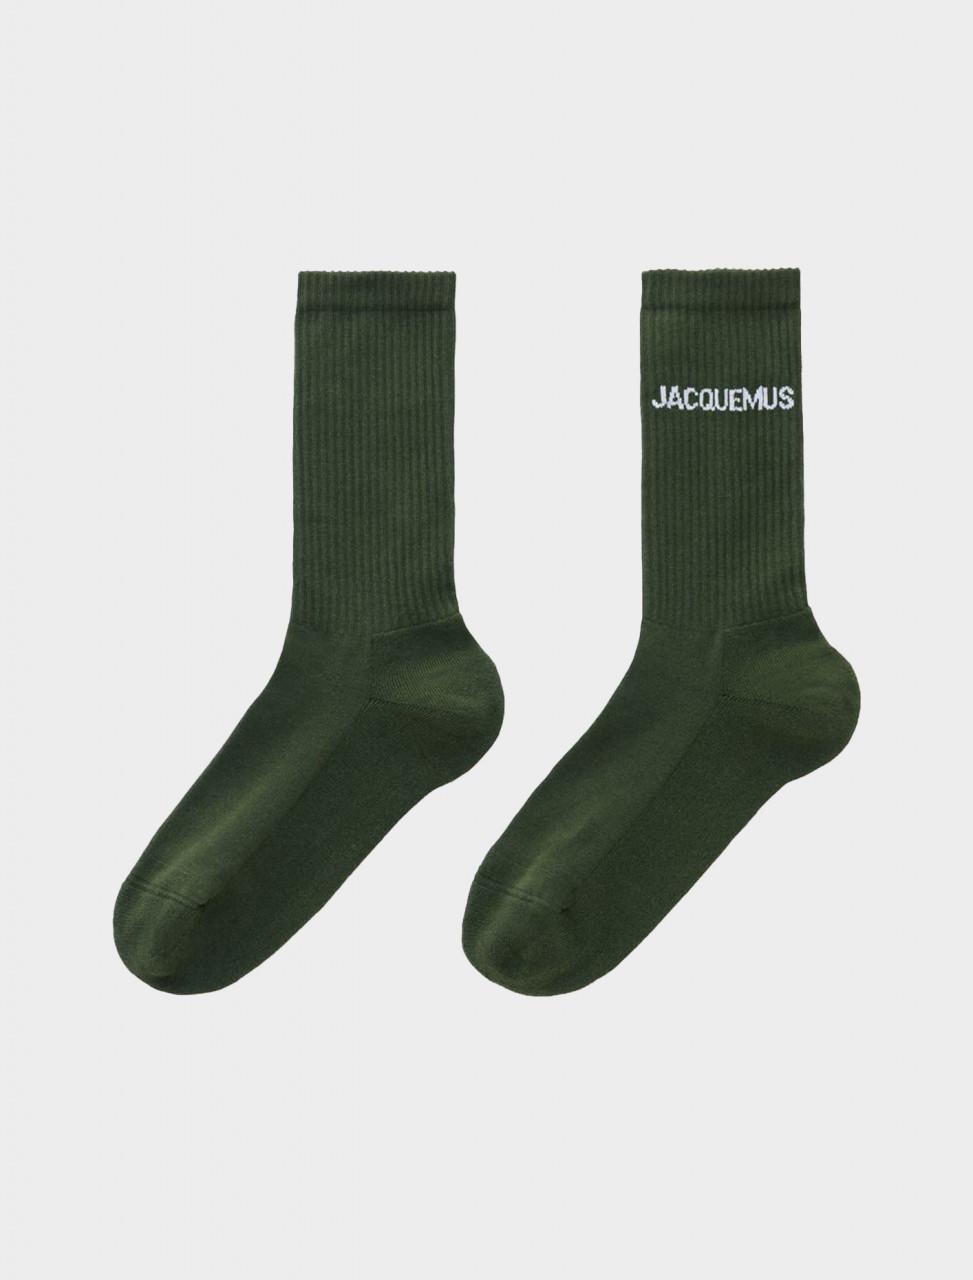 Les Chaussettes Jacquemus Green